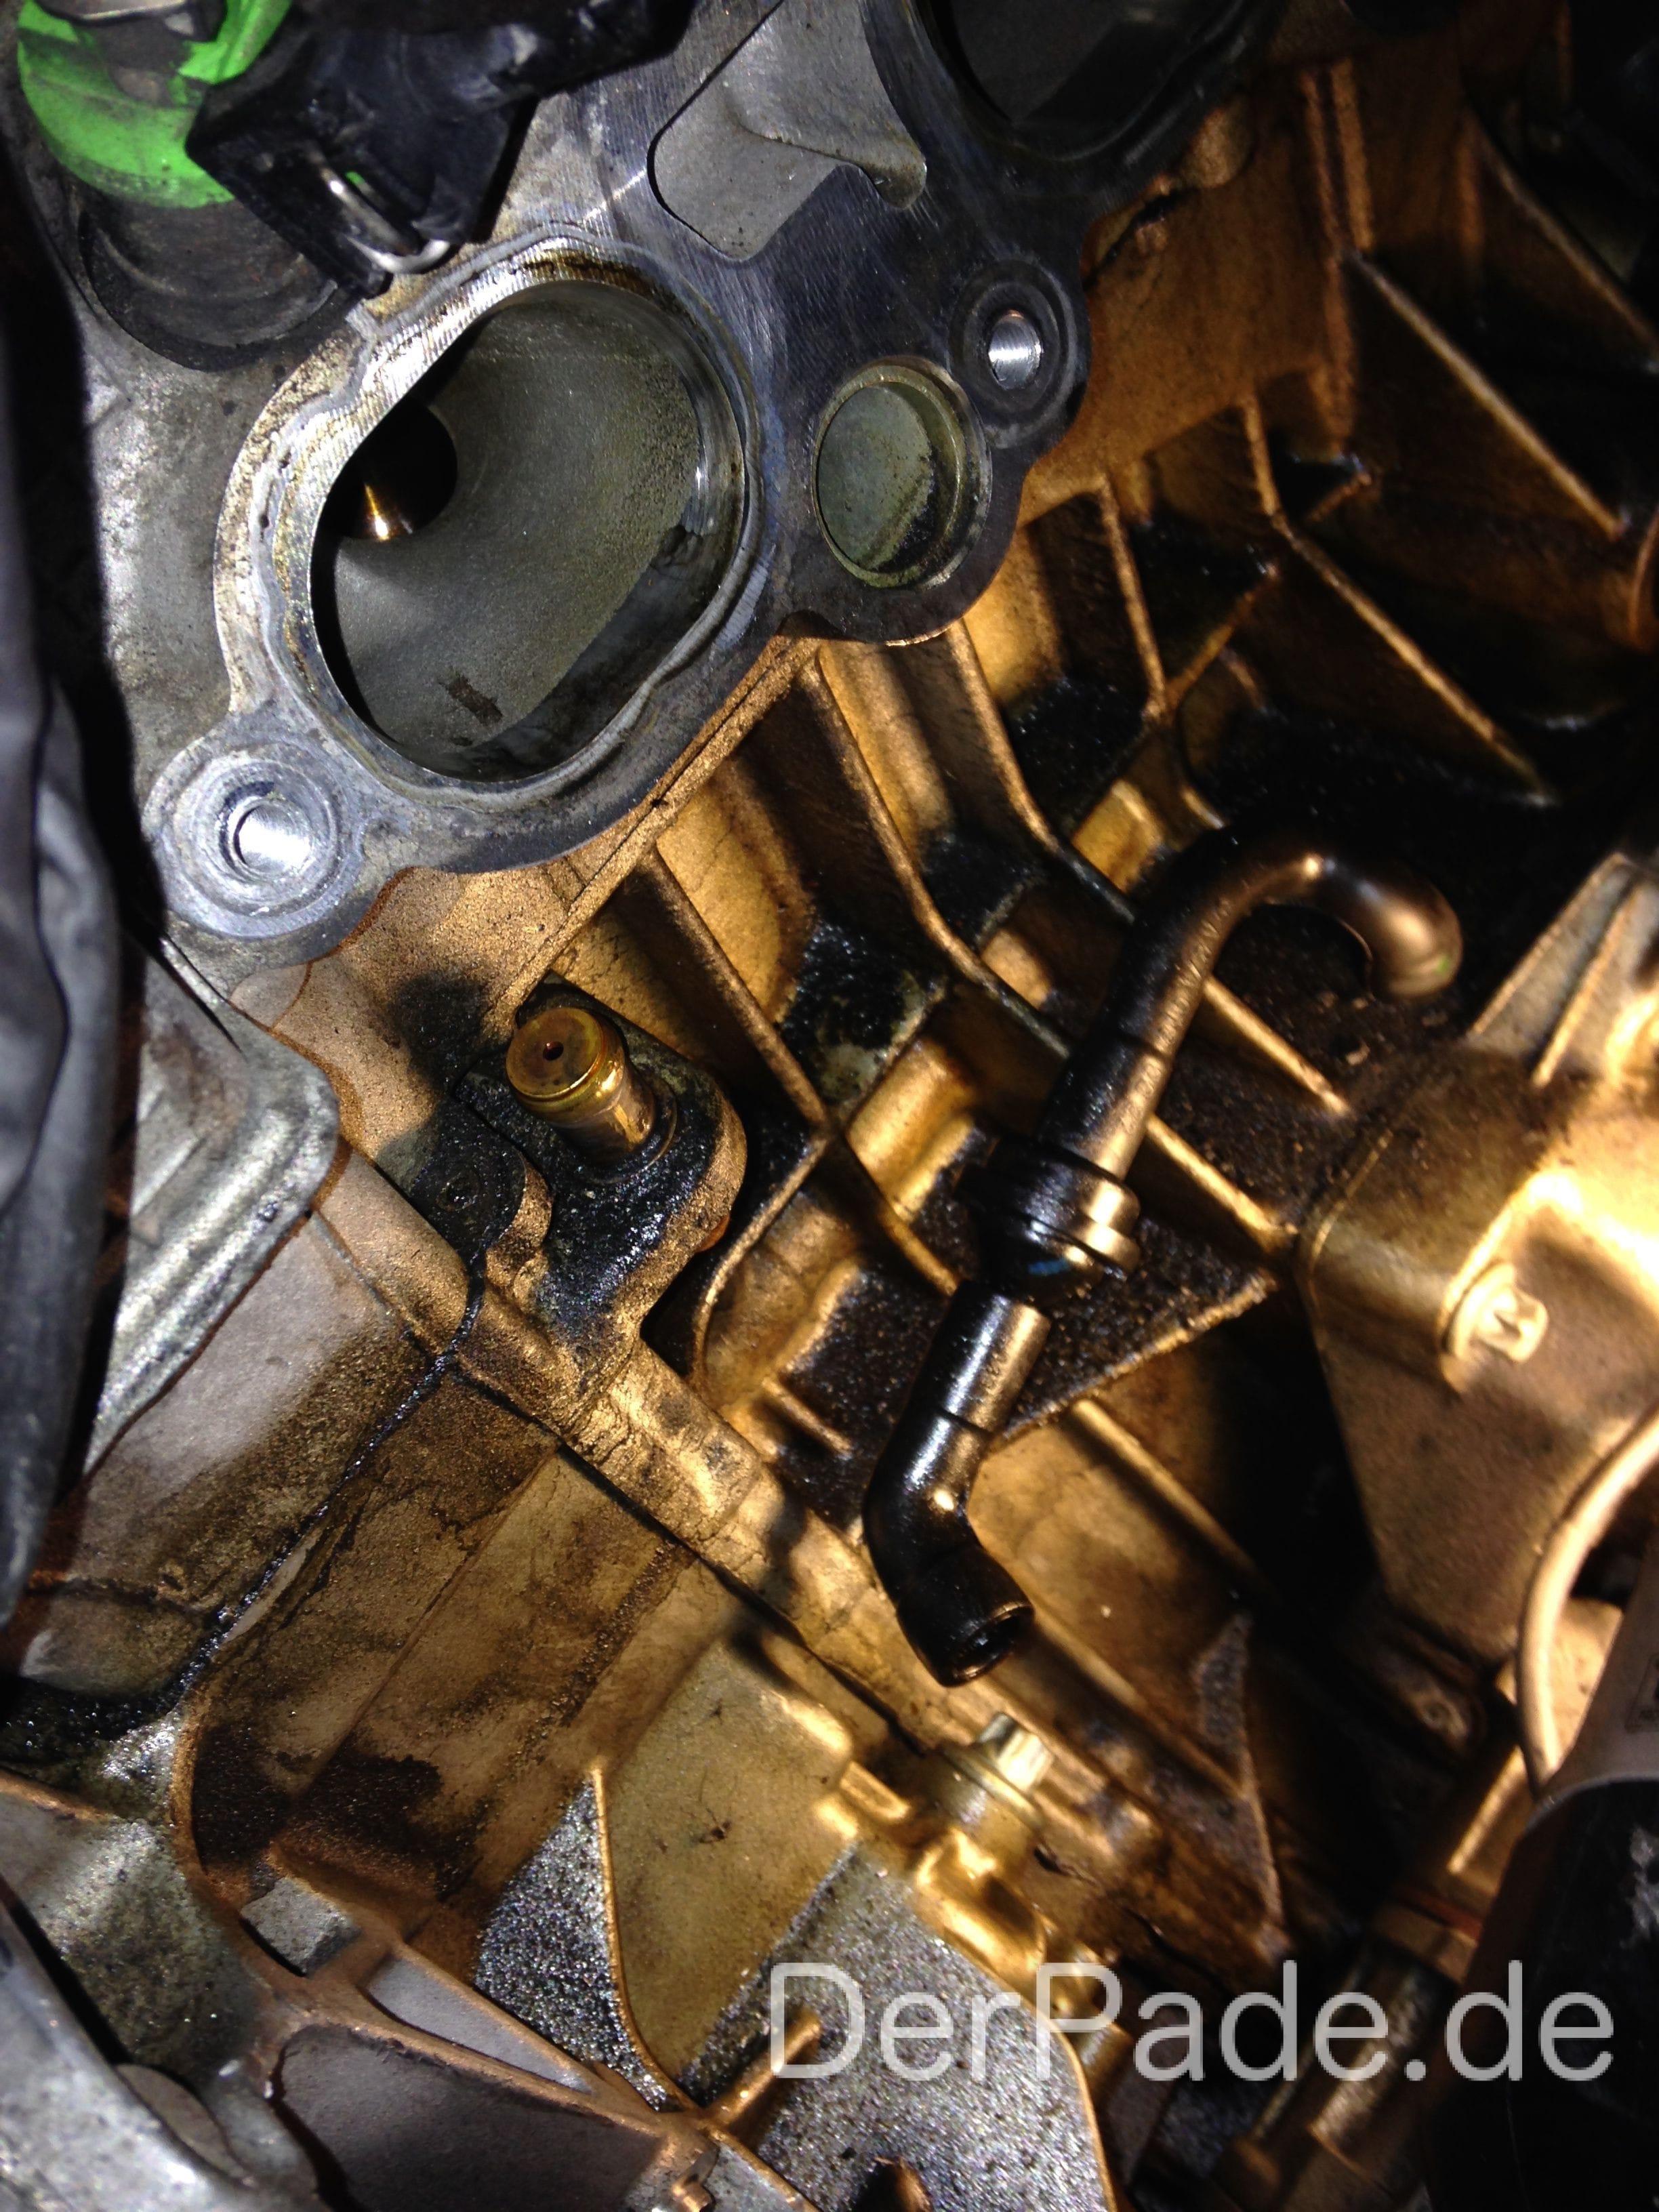 Anleitung: W203 M271 C200 Kompressor Teillastentlüftungsschlauch gerissen Der Pade image 3